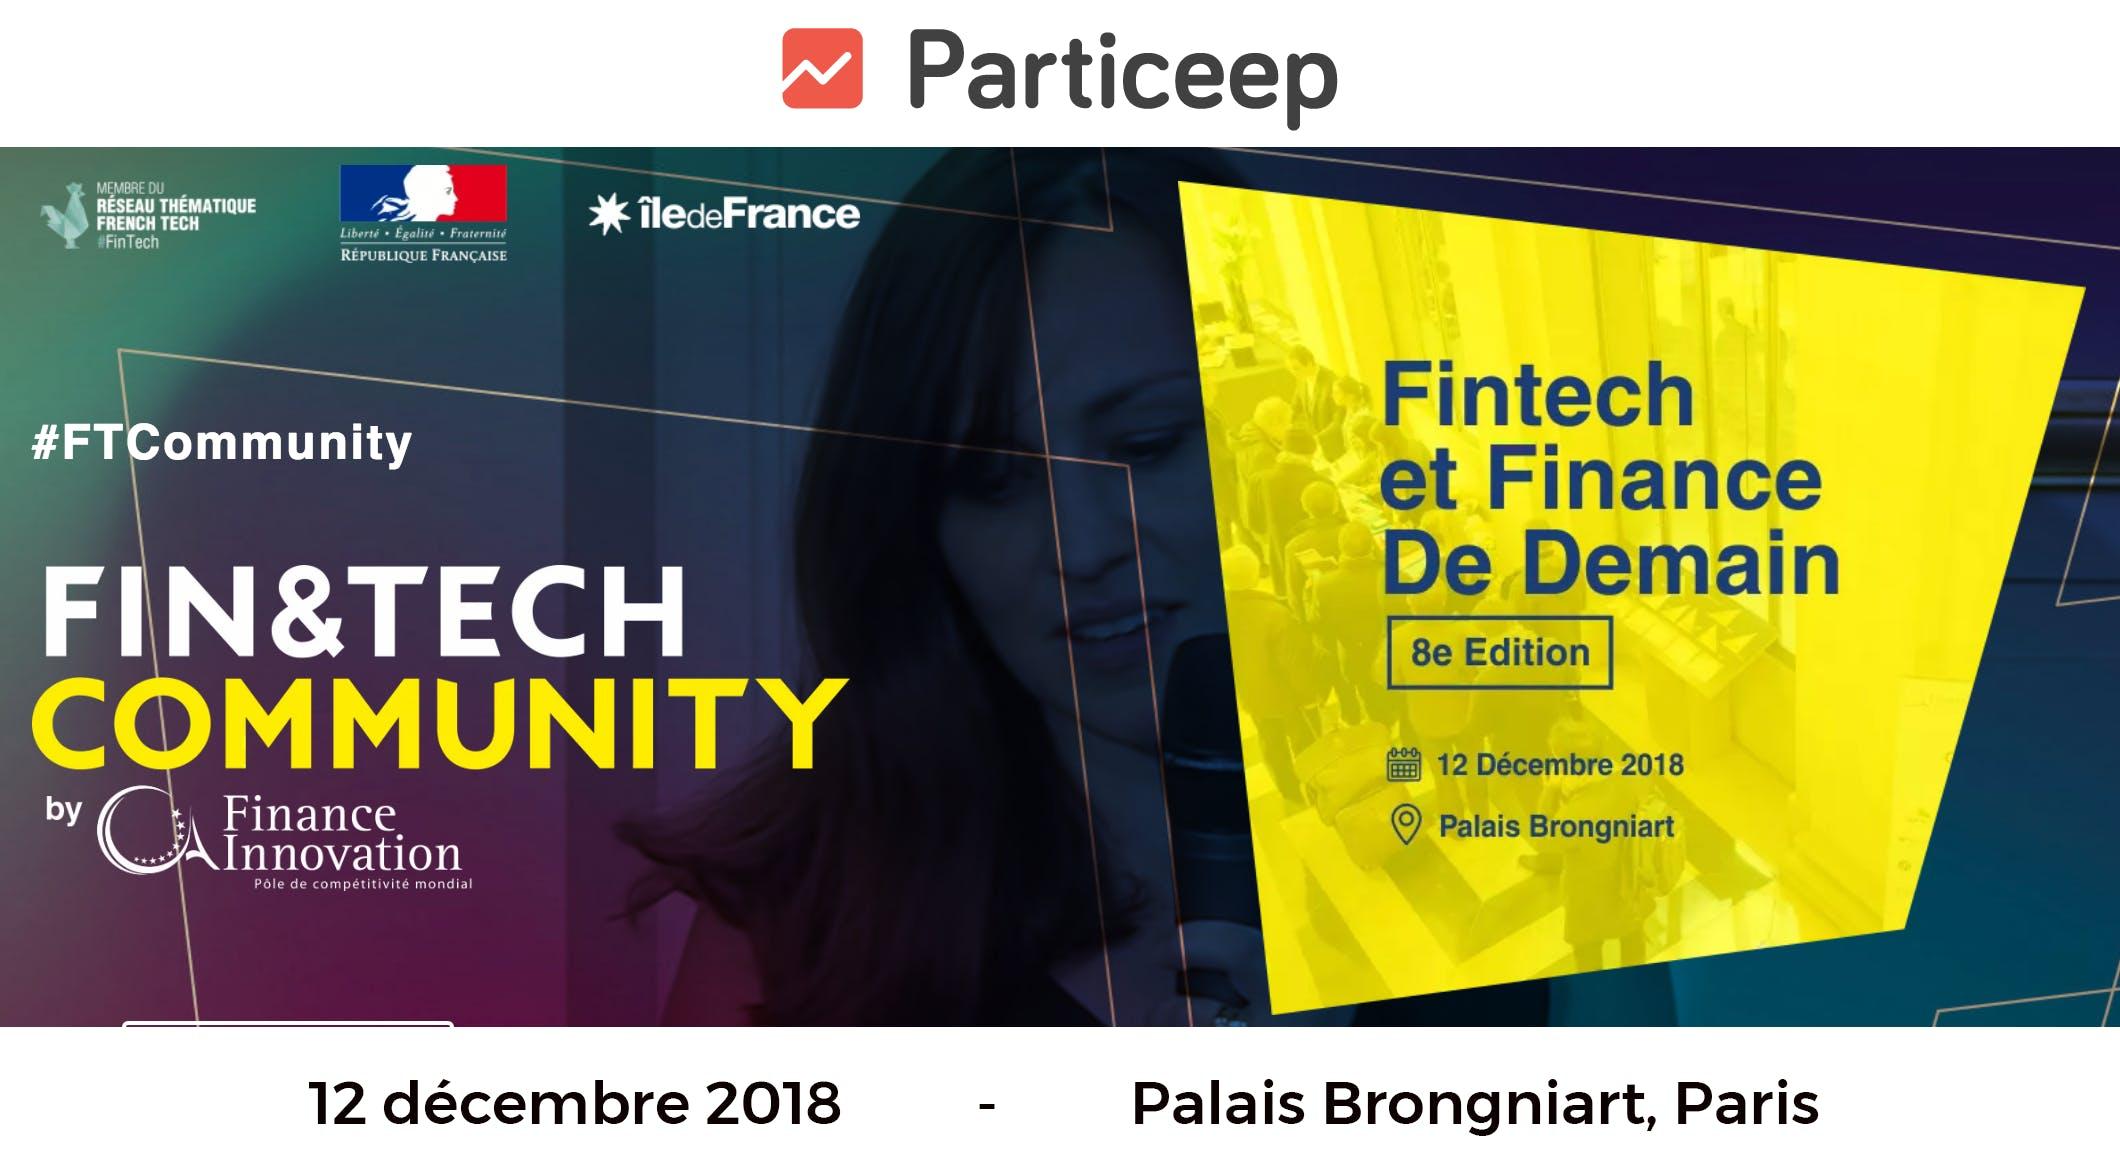 Particeep au Fintech Community